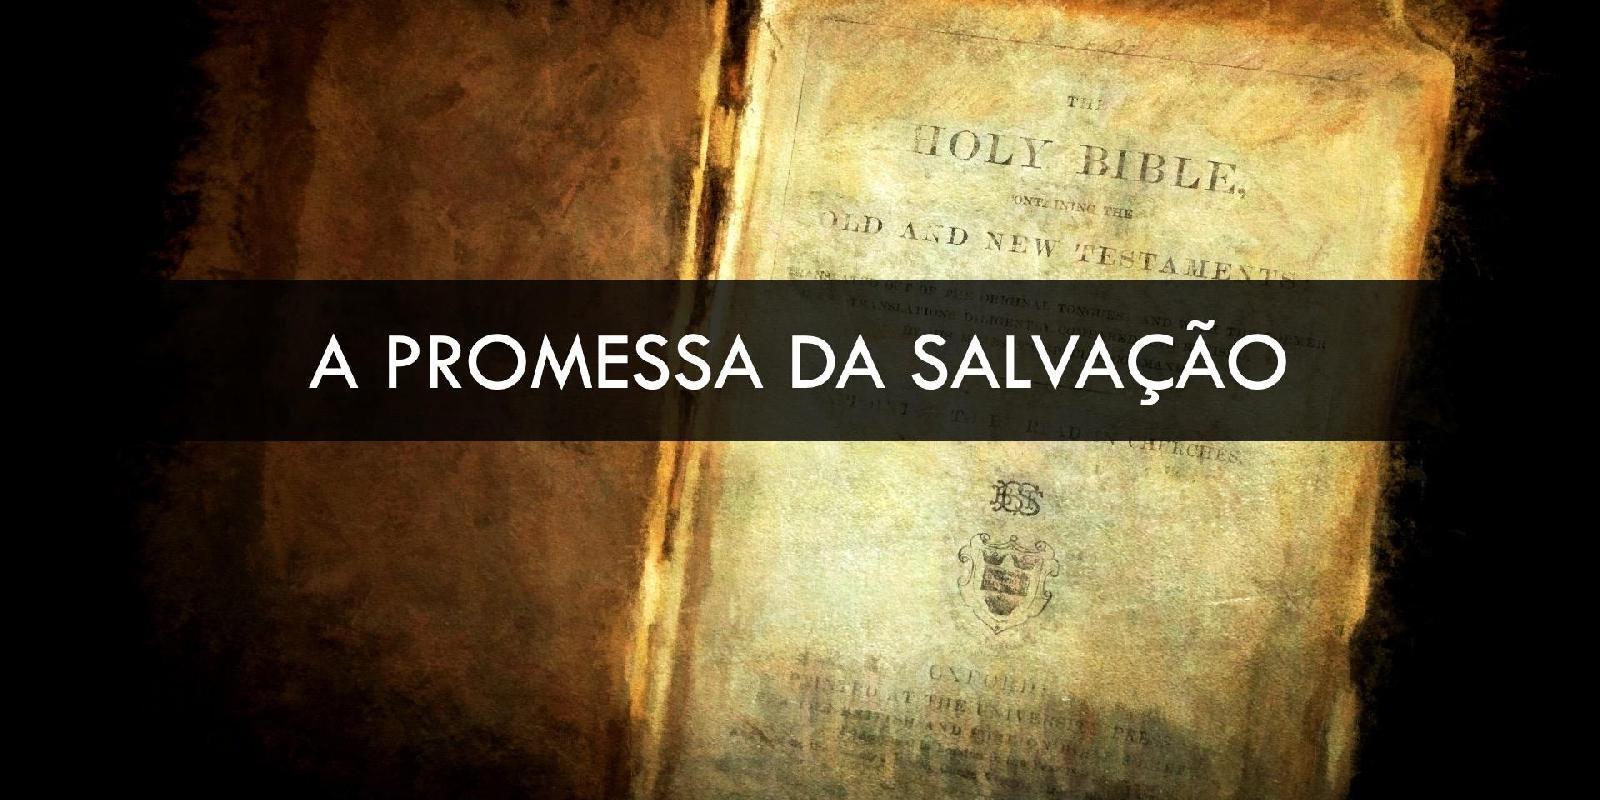 A Promessa da Salvação